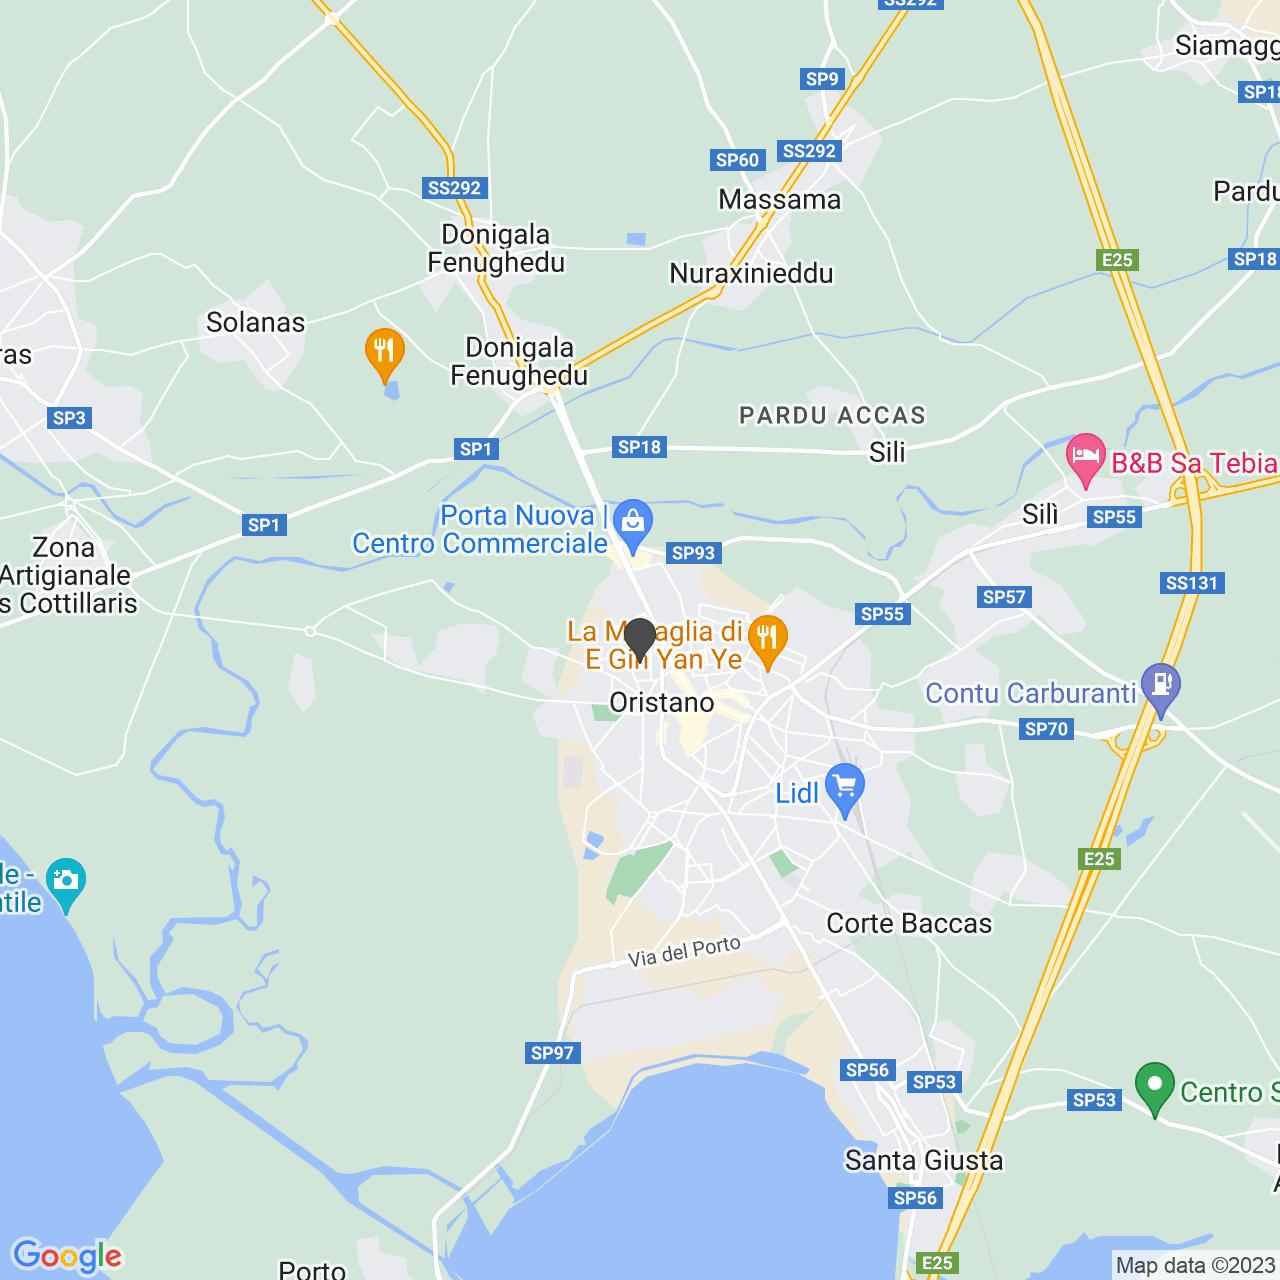 CROCE ROSSA ITALIANA-COMITATO DI ORISTANO-ORGANIZZAZIONE DI VOLONTARIATO